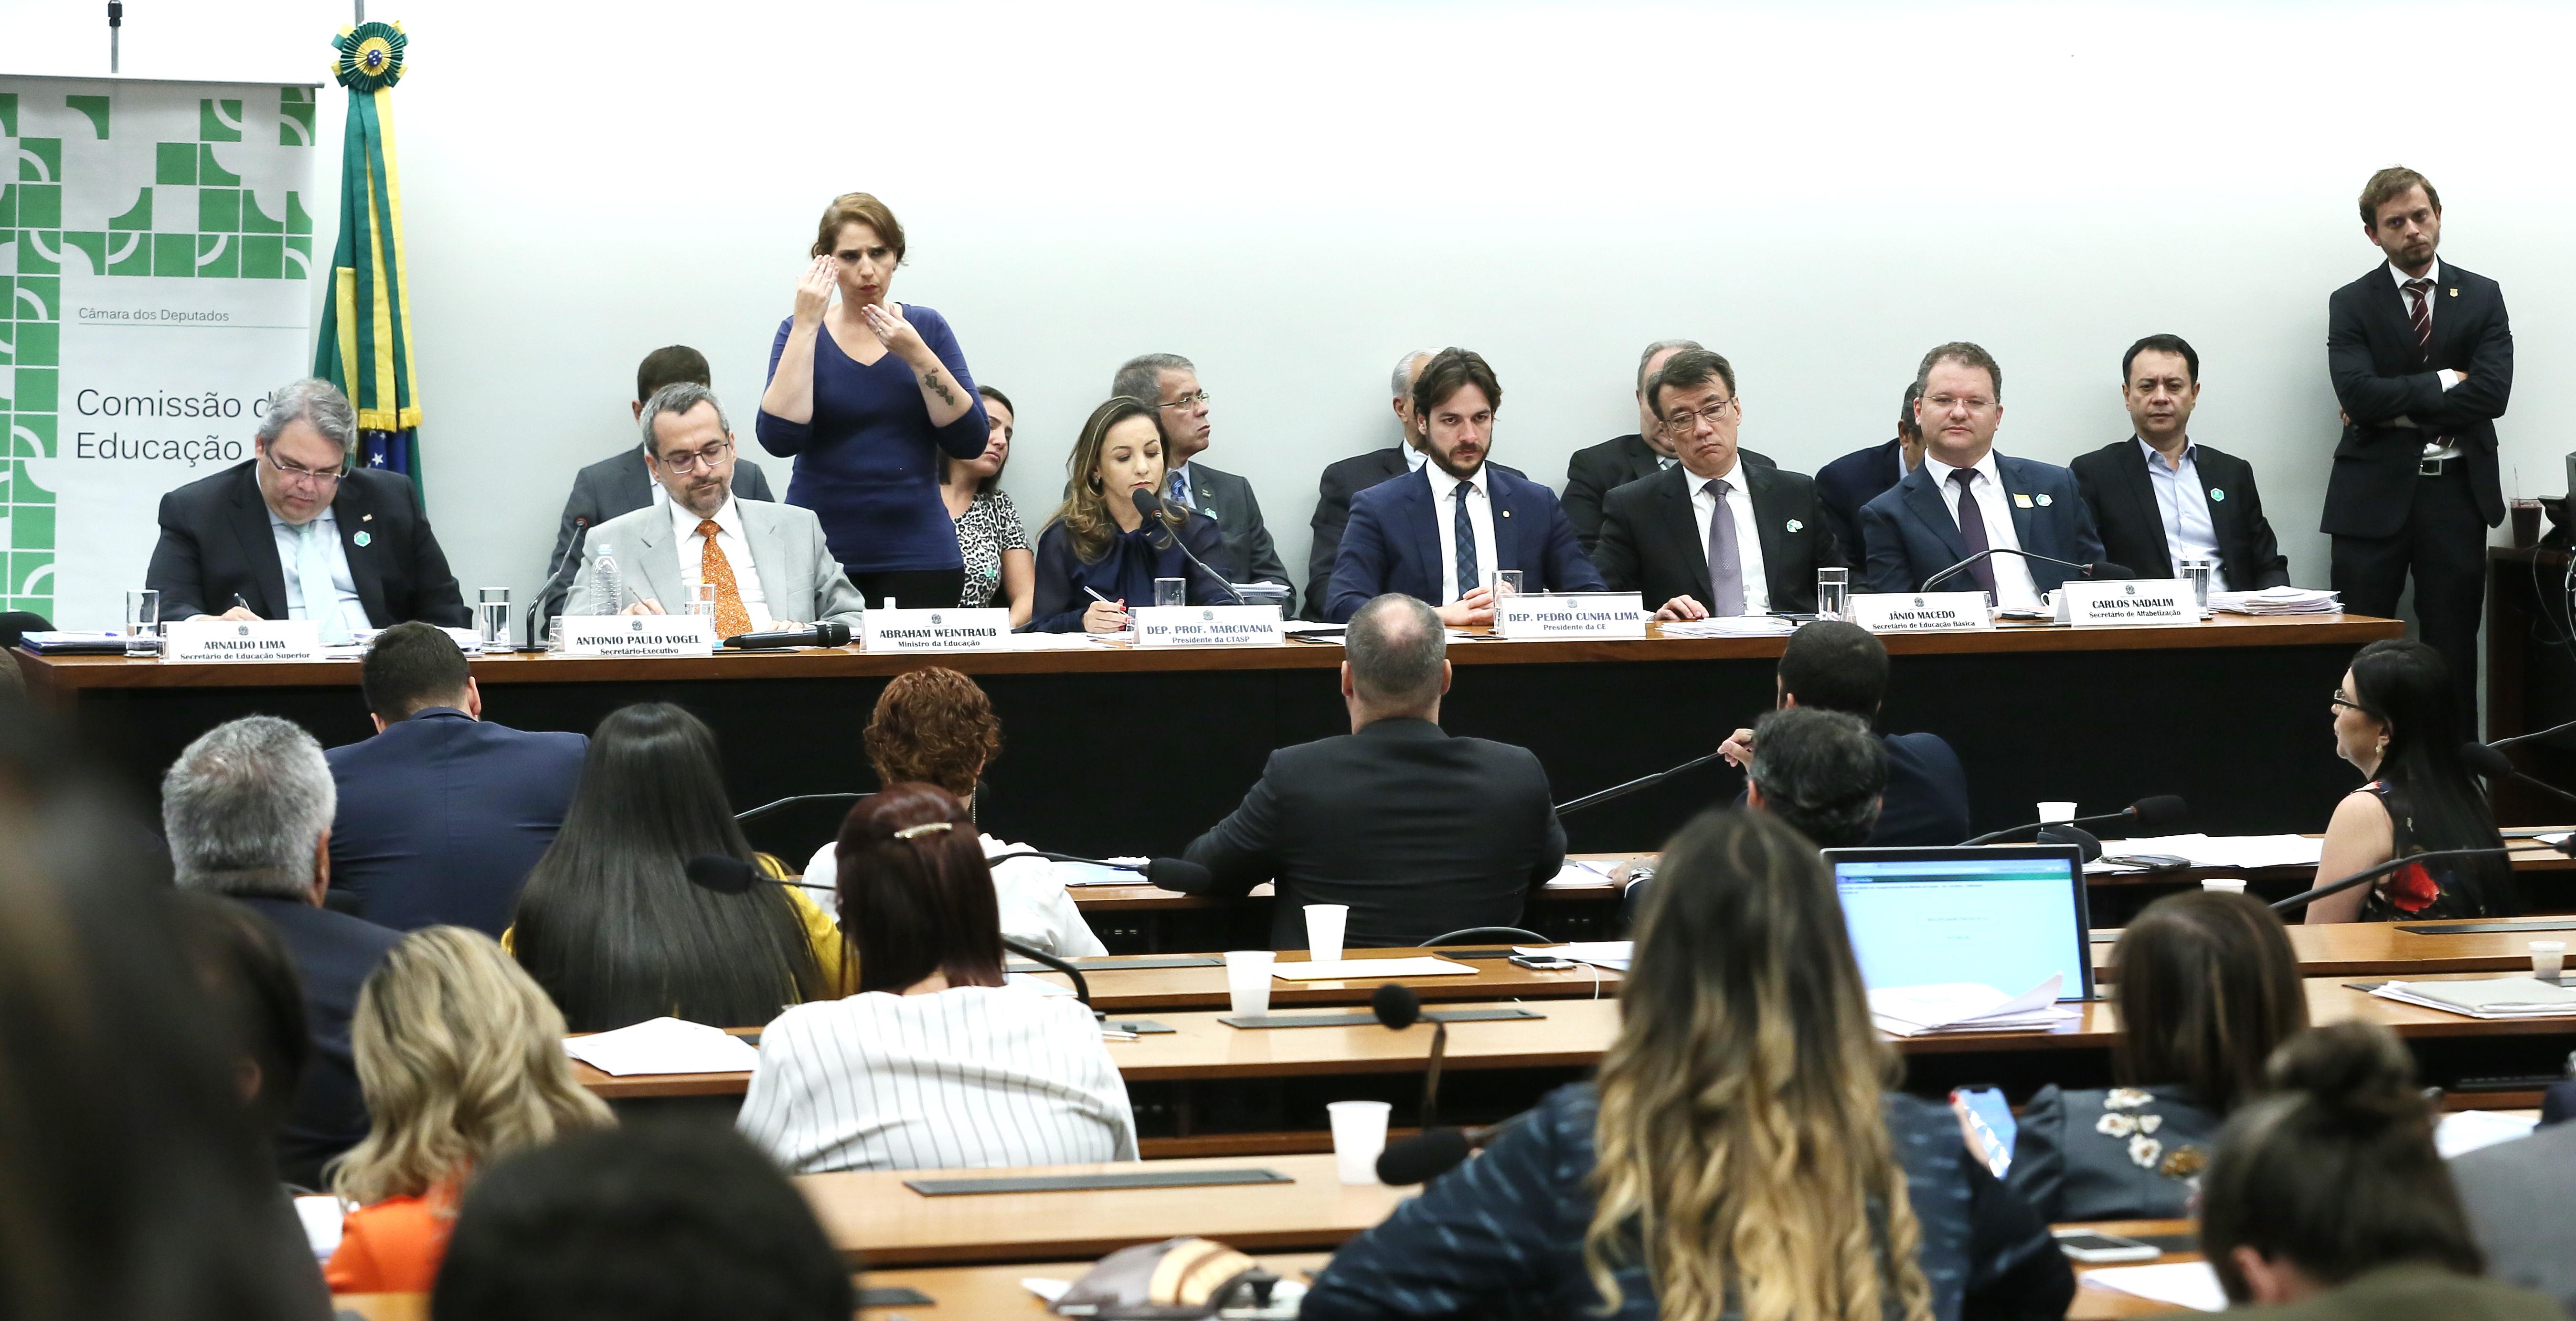 Reunião de comparecimento do Ministro da Educação